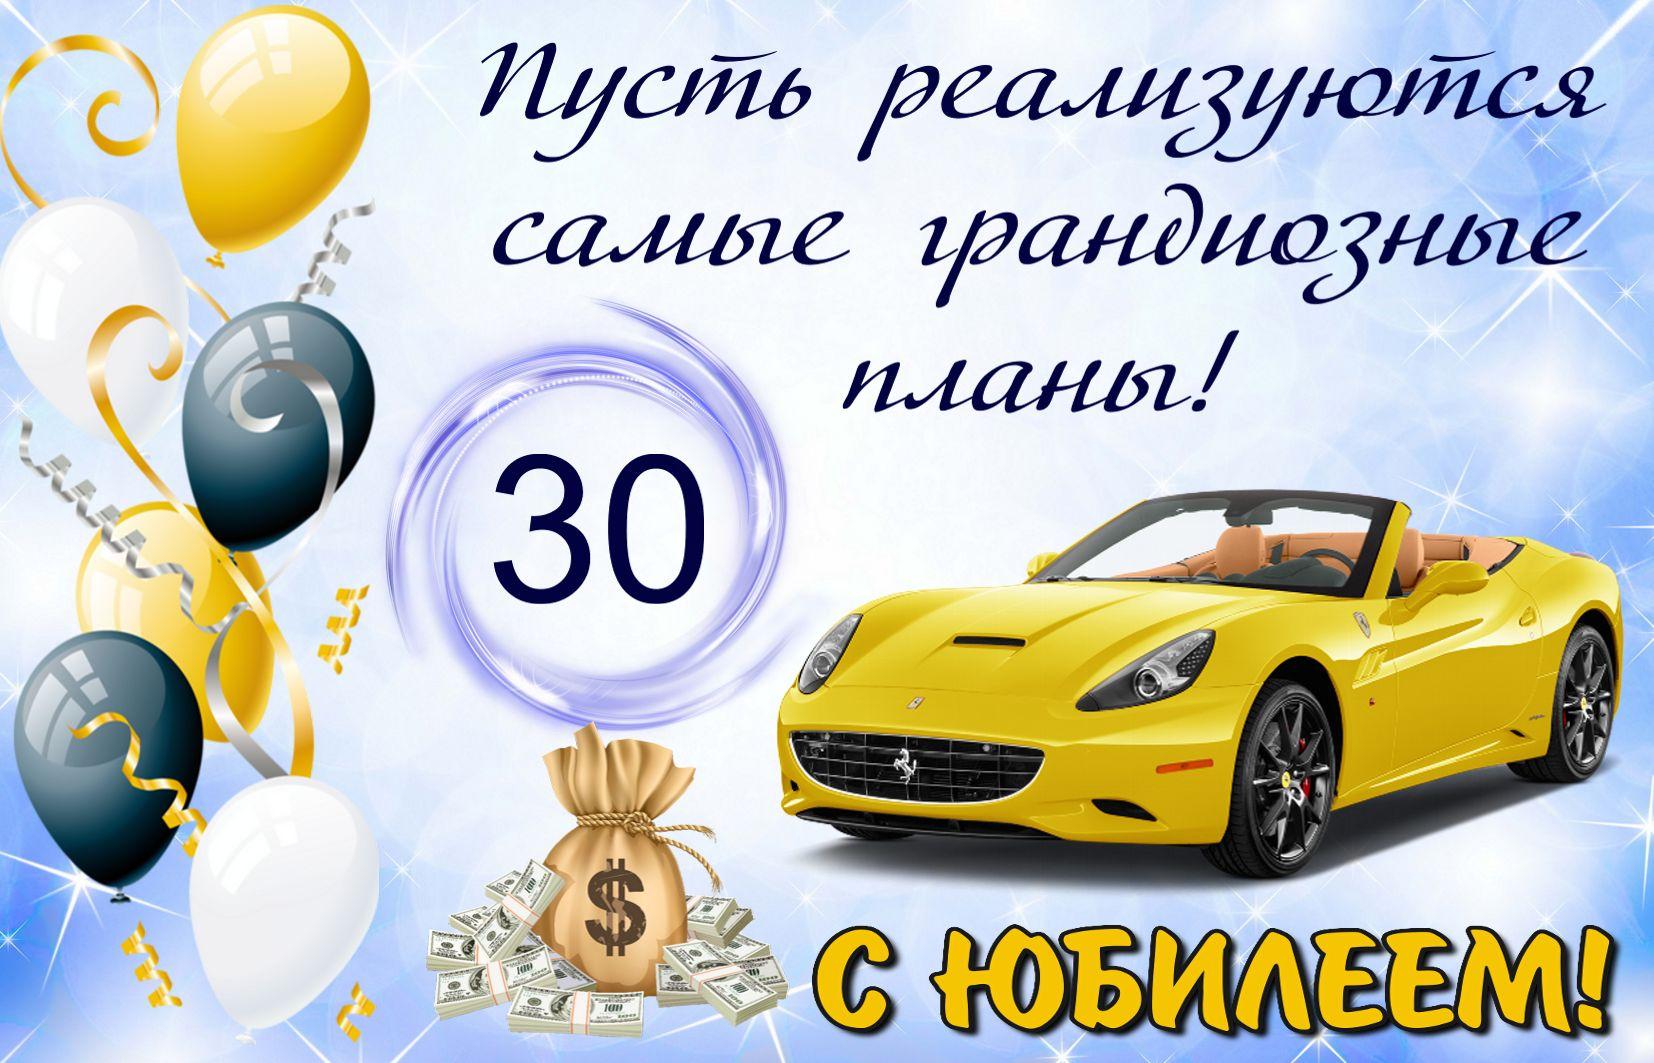 Поздравление с днем рождения мужчине в 35 лет прикольные 6